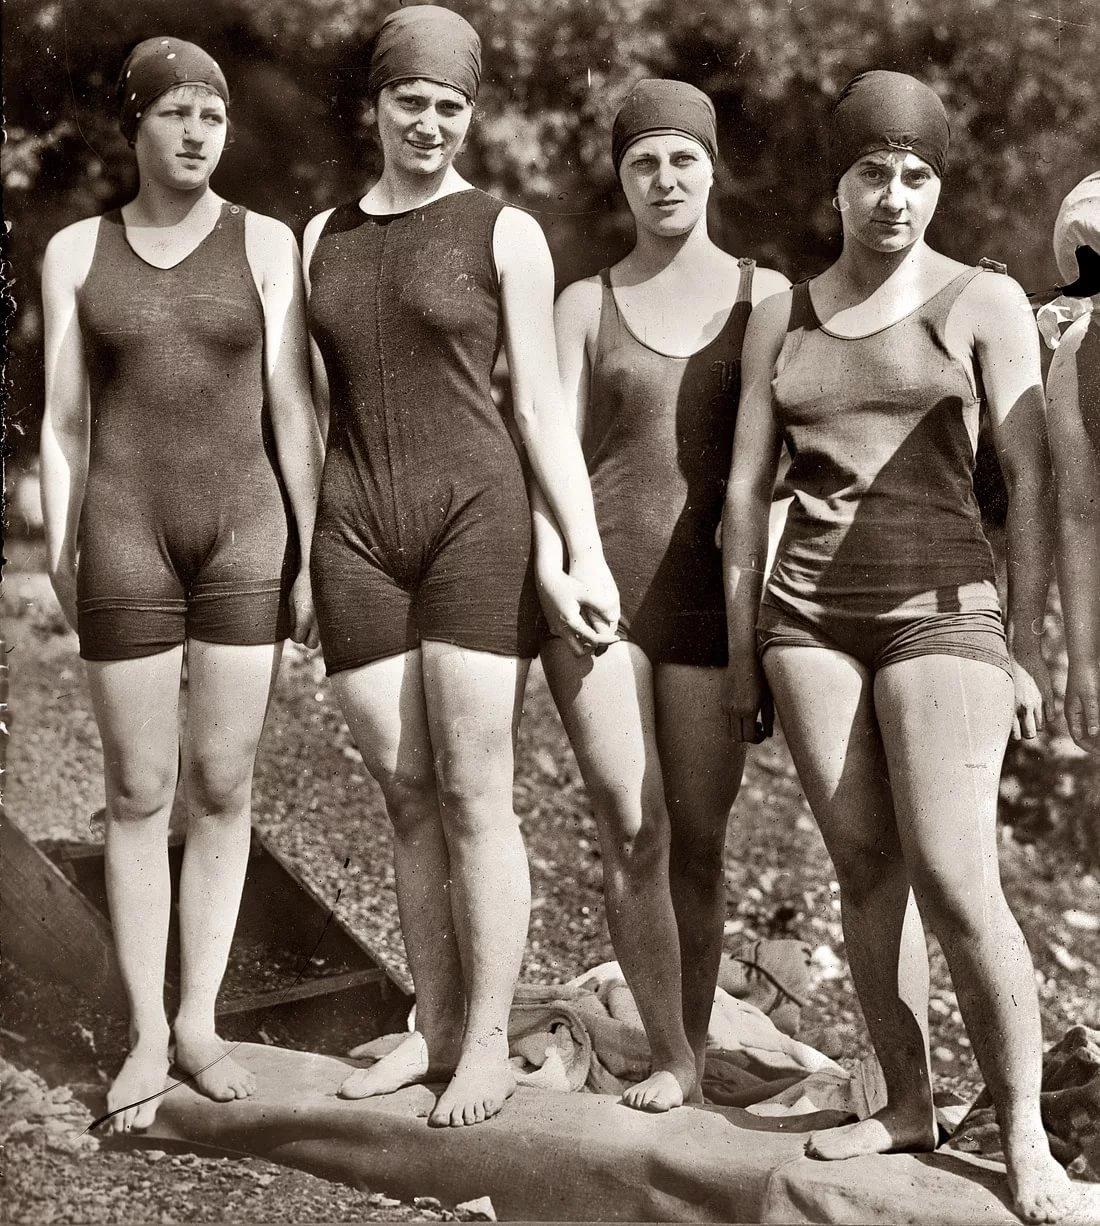 sovetskie-sportsmenki-v-kupalnikah-foto